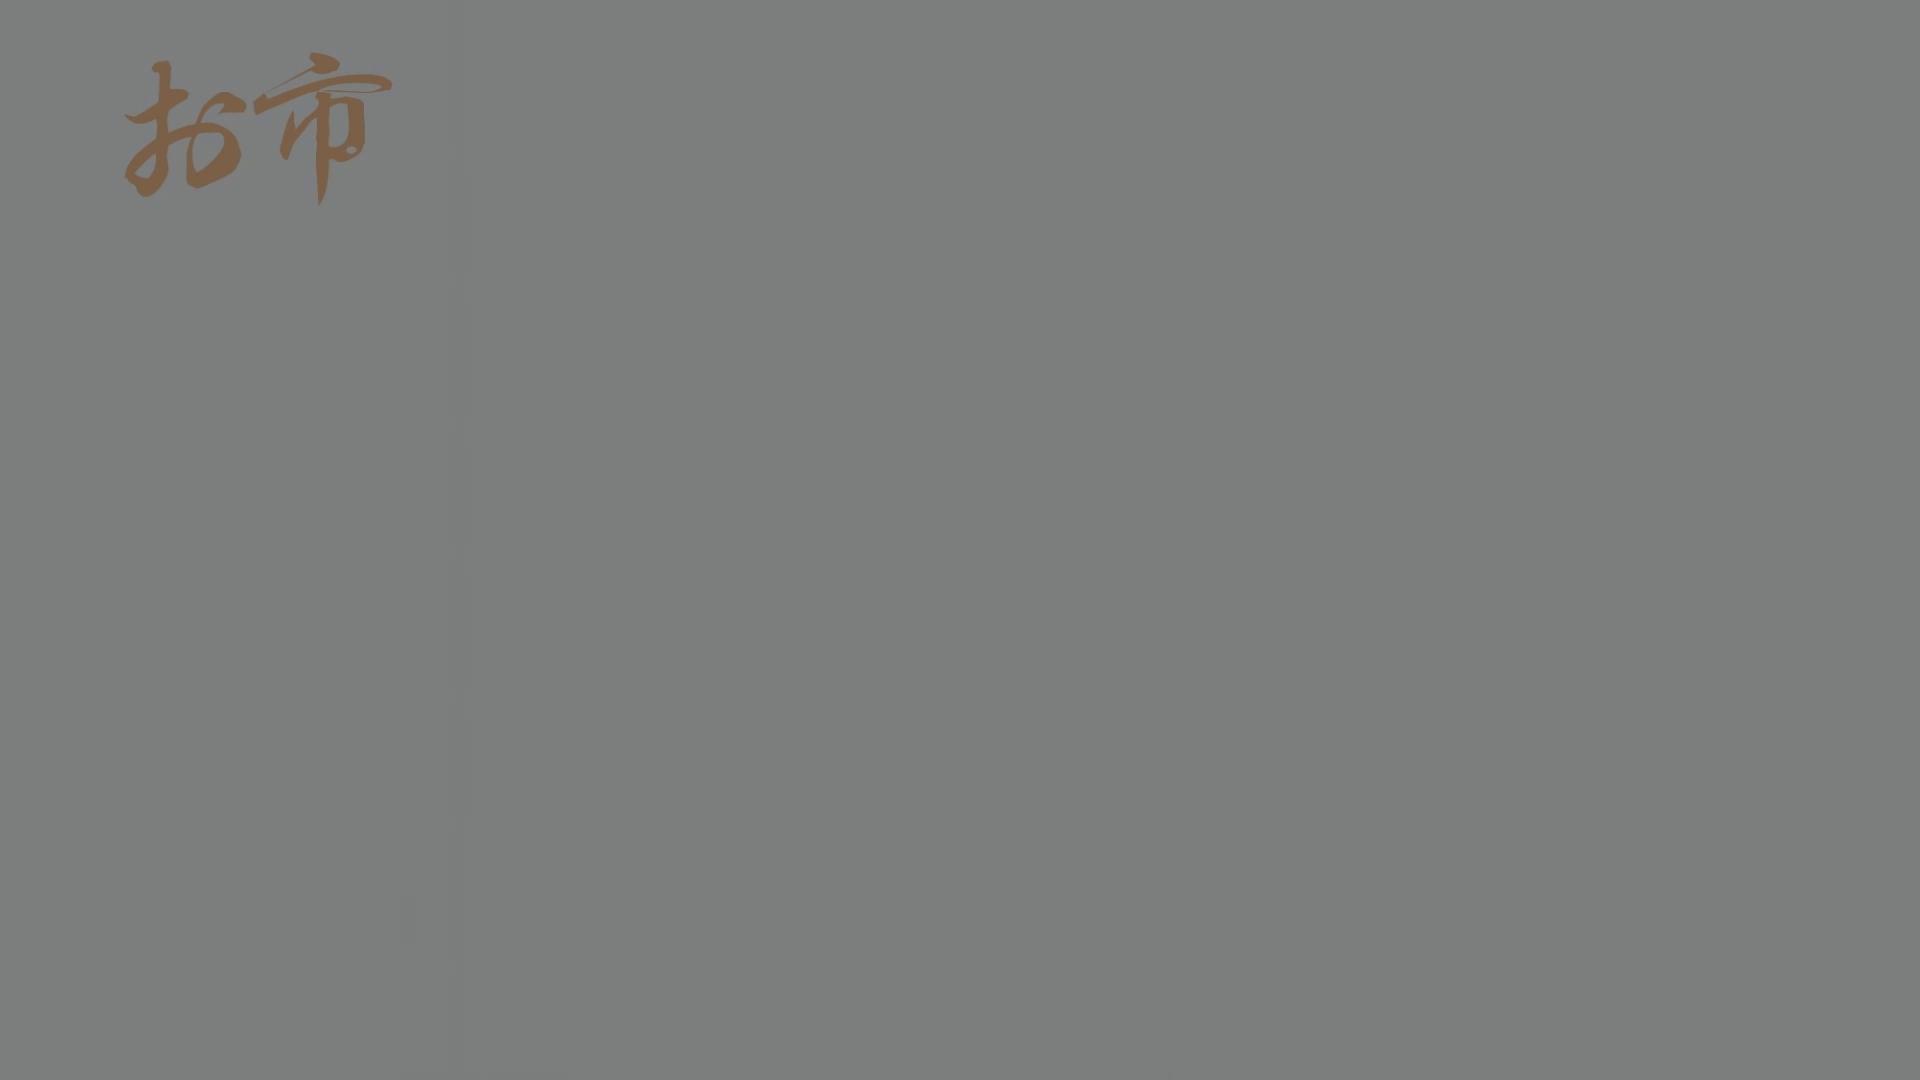 潜入!!台湾名門女学院 Vol.12 長身モデル驚き見たことないシチュエーション 盗撮  105PIX 4